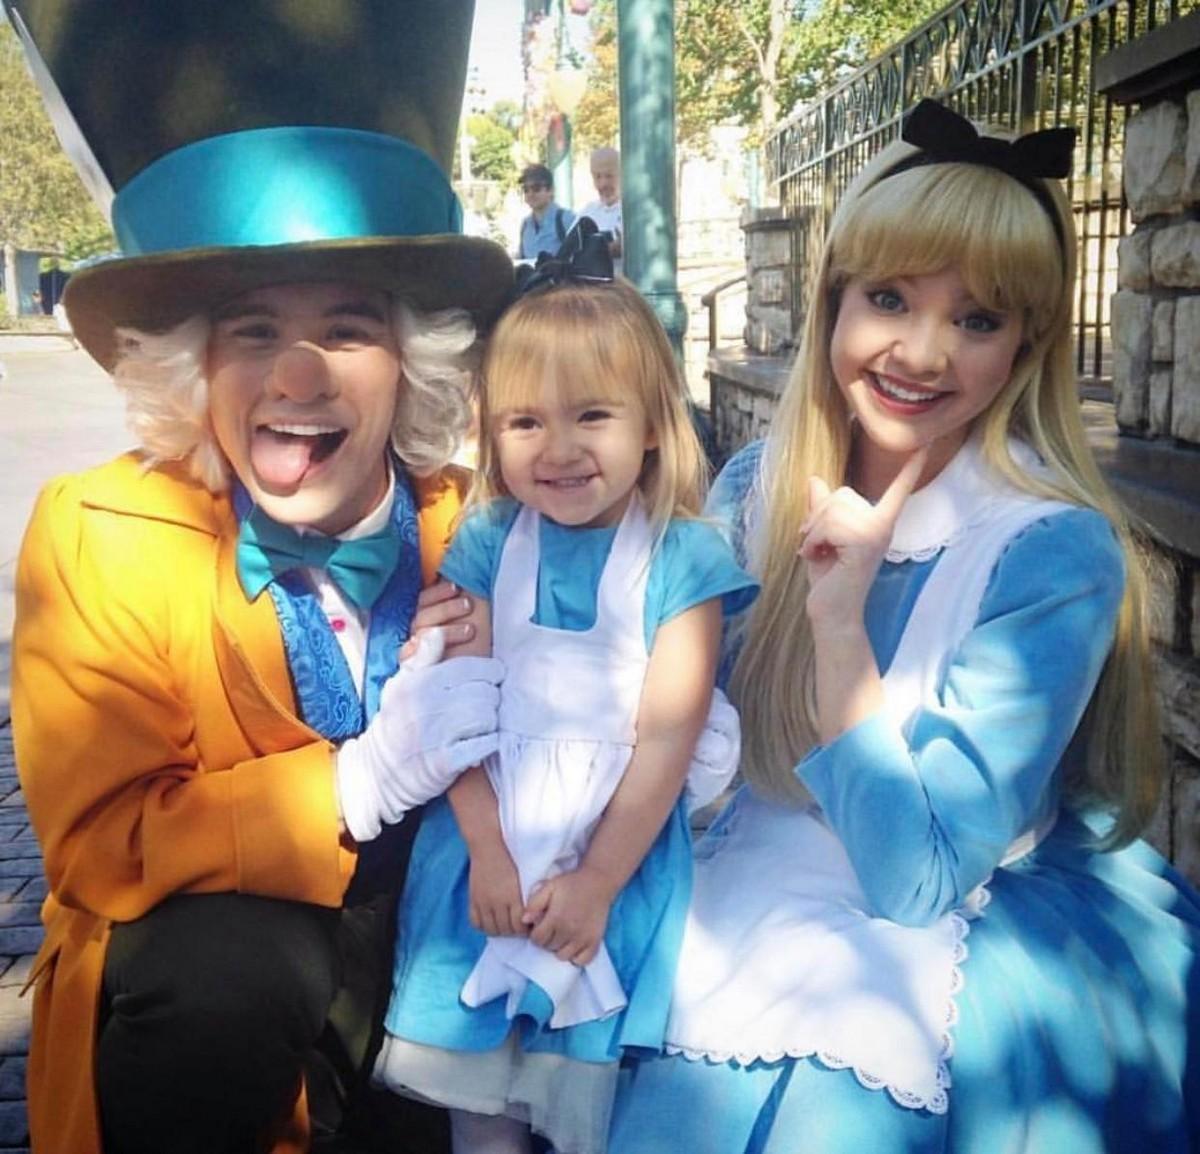 Американская семья посещает Диснейленд в костюмах любимых персонажей